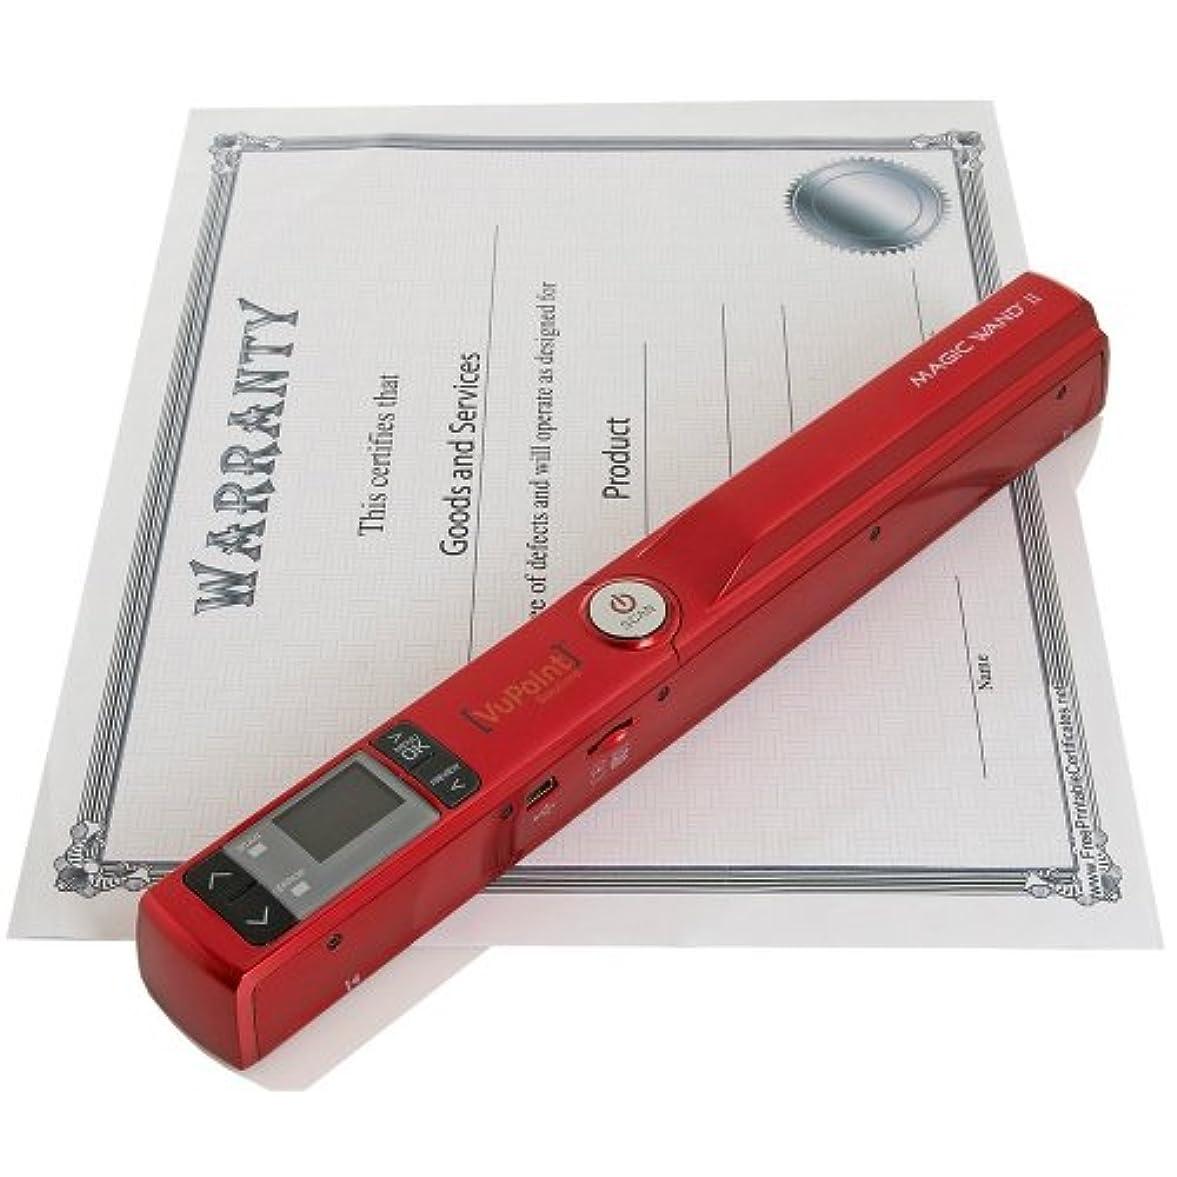 大佐微妙しつけVupoint Solutionsマジックワンド2ポータブルスキャナー(PDS-ST441R-VP) - 赤